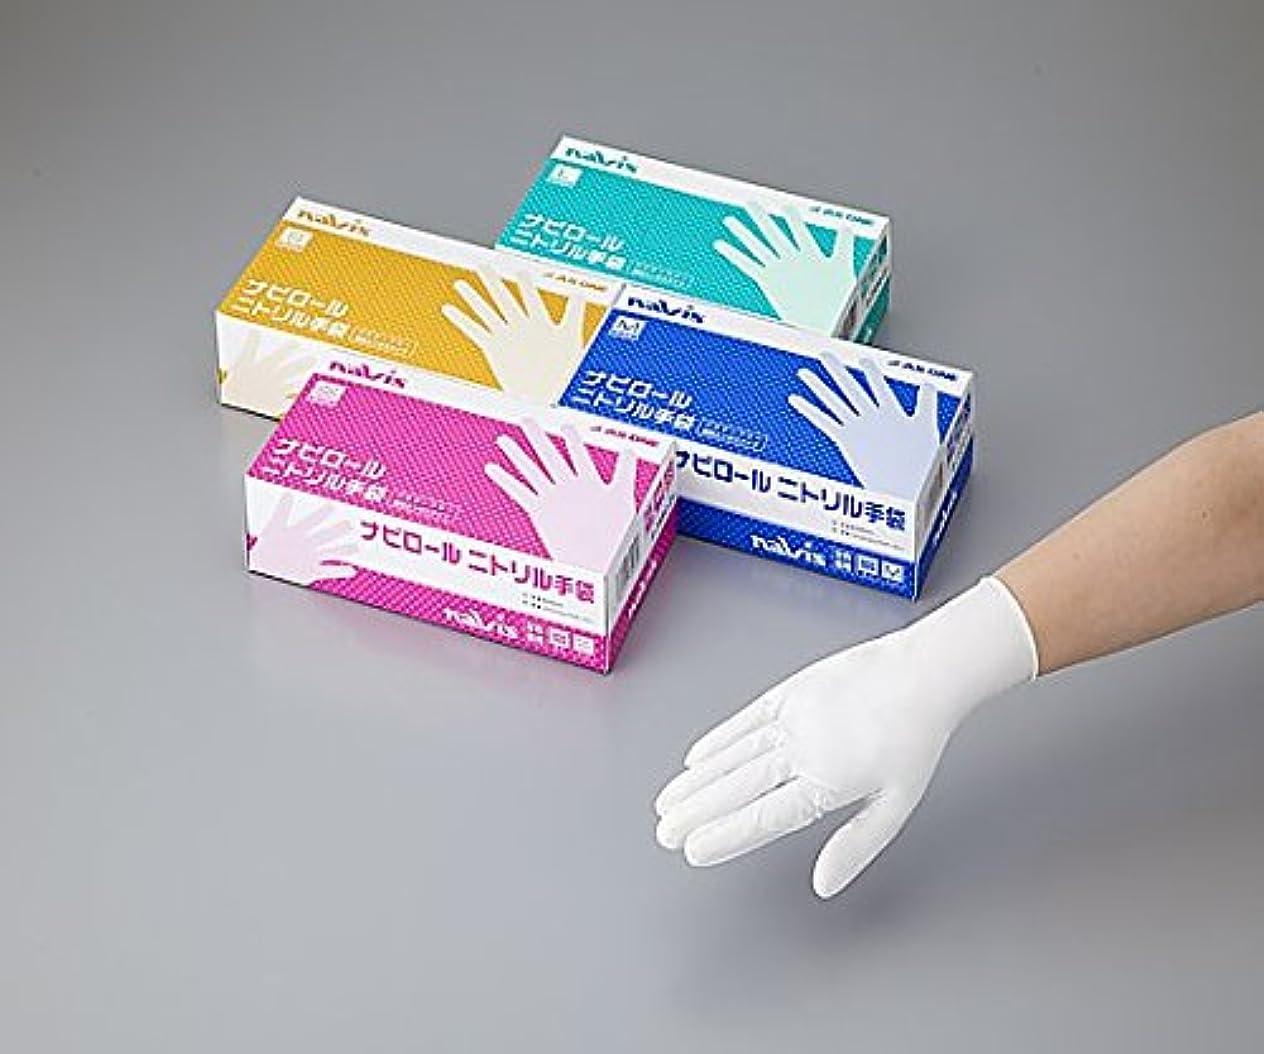 ナビス(アズワン)8-2584-03ナビロールニトリル手袋ホワイトS